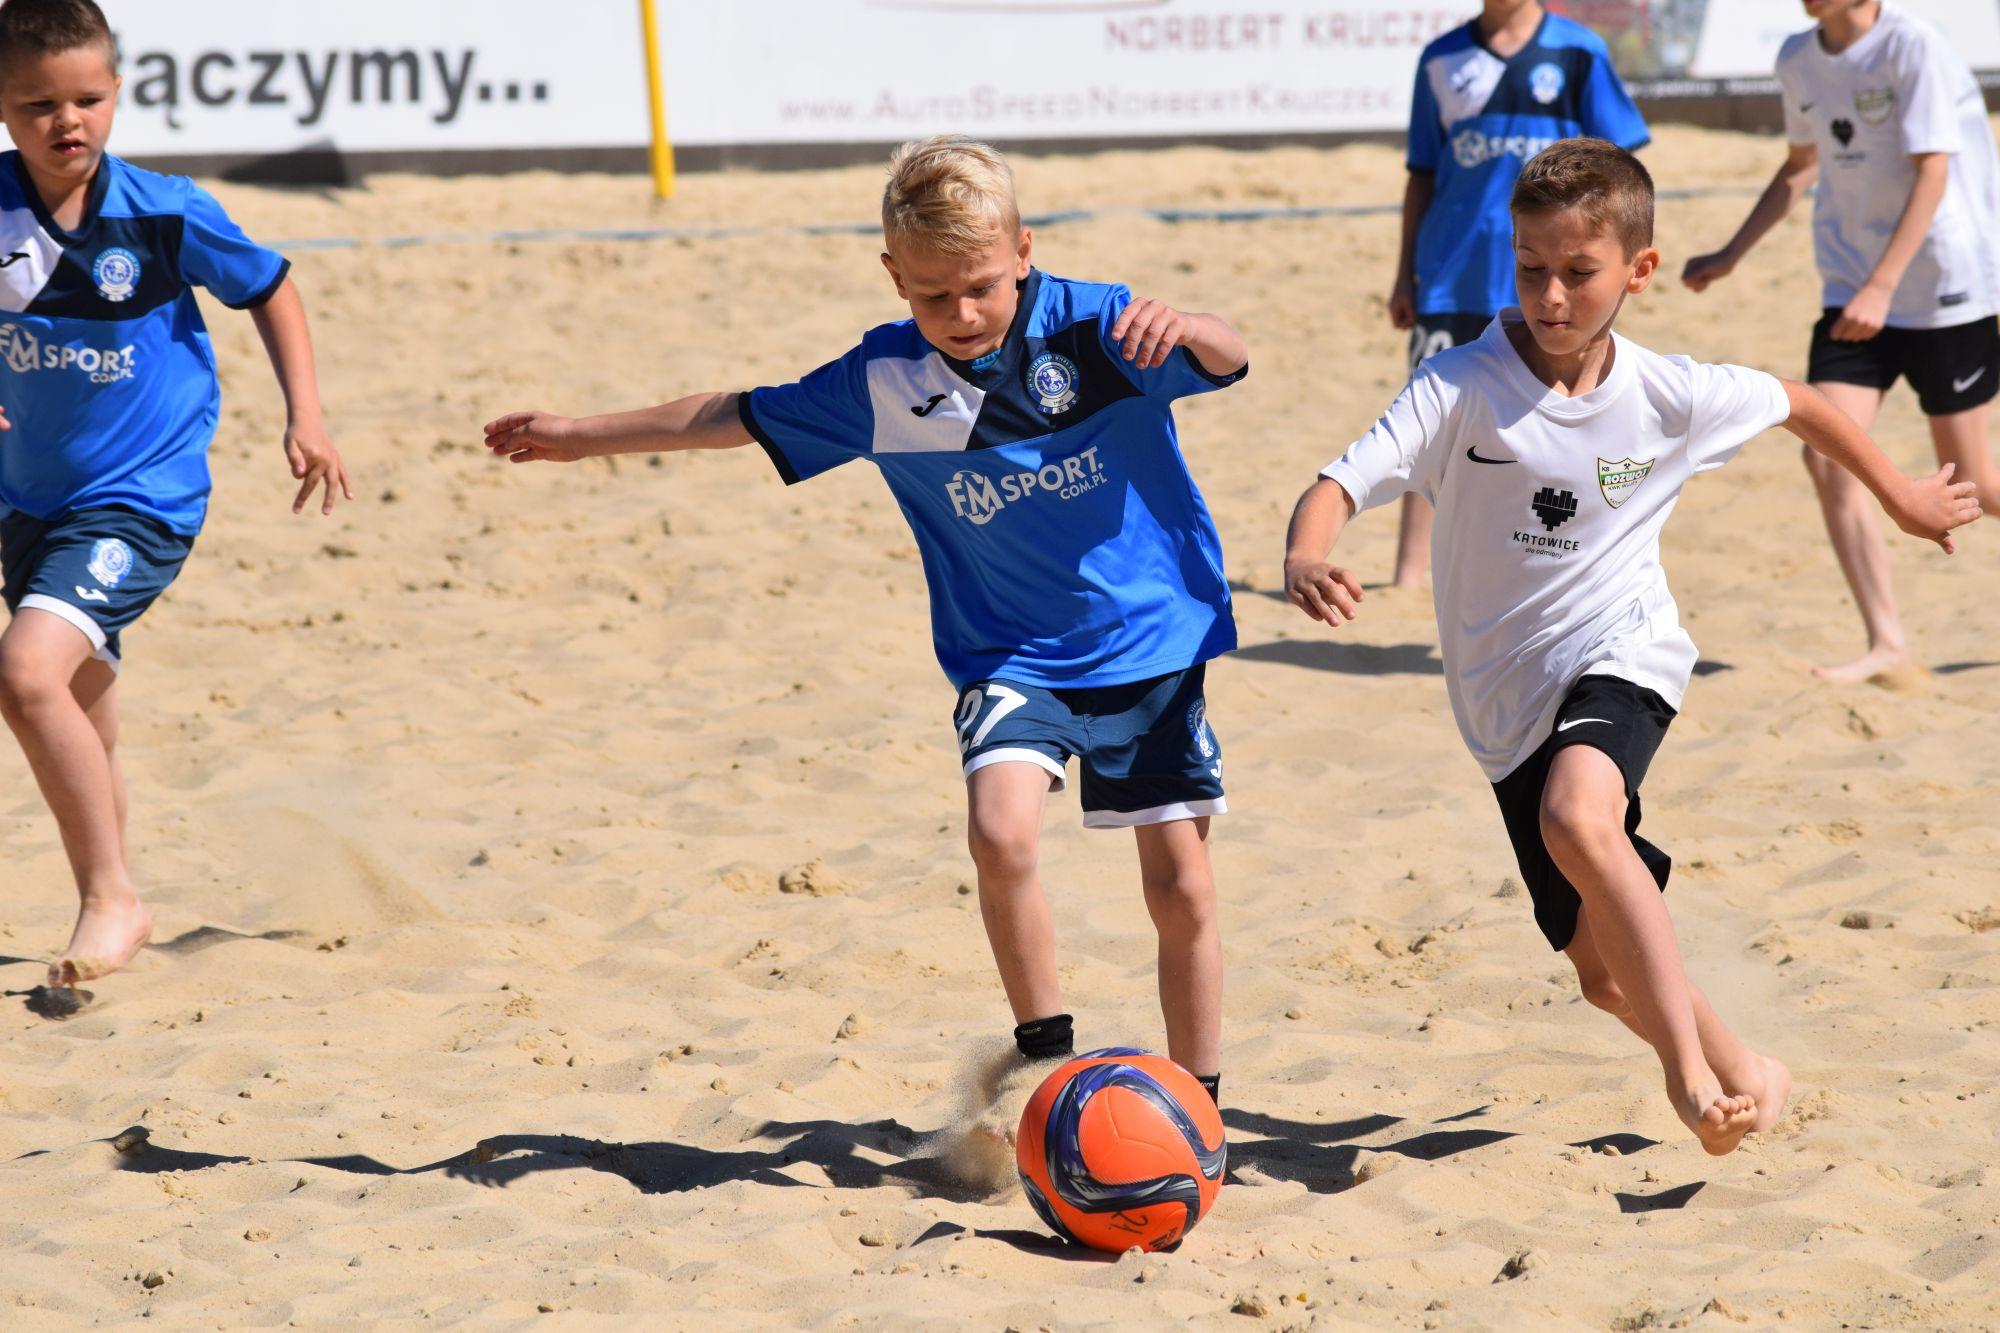 dzieci grają w piłkę nożną plażową